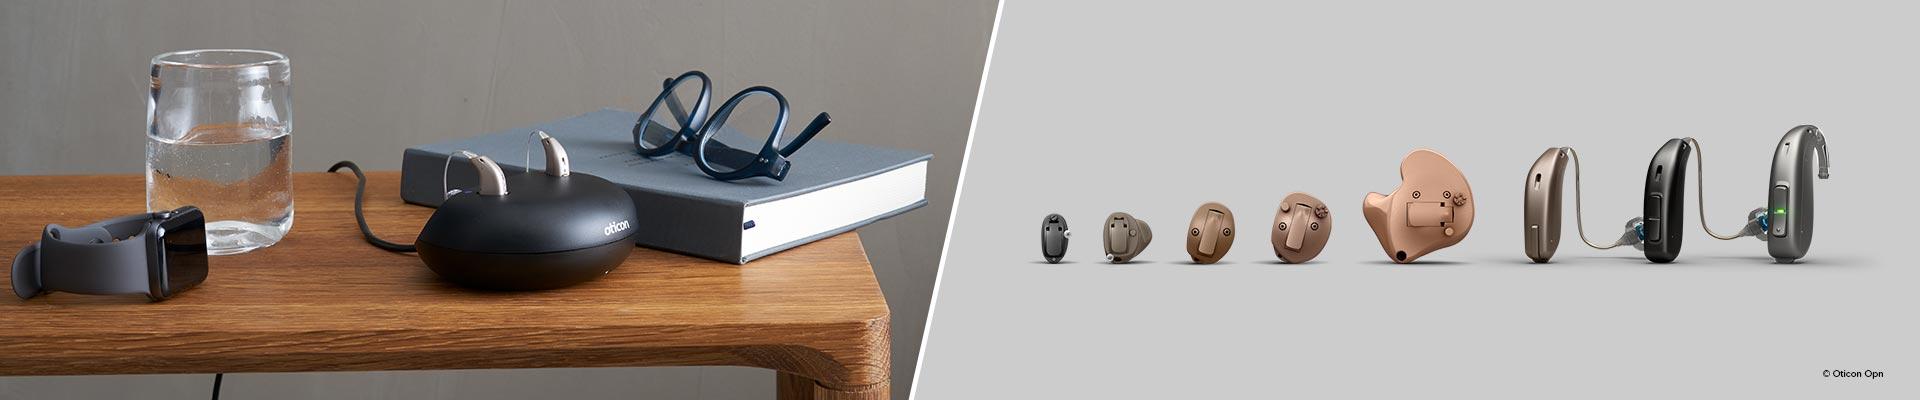 Testa hörapparat i Stockholm - prova hörapparat från landstinget i Stockholm eller från Audika.